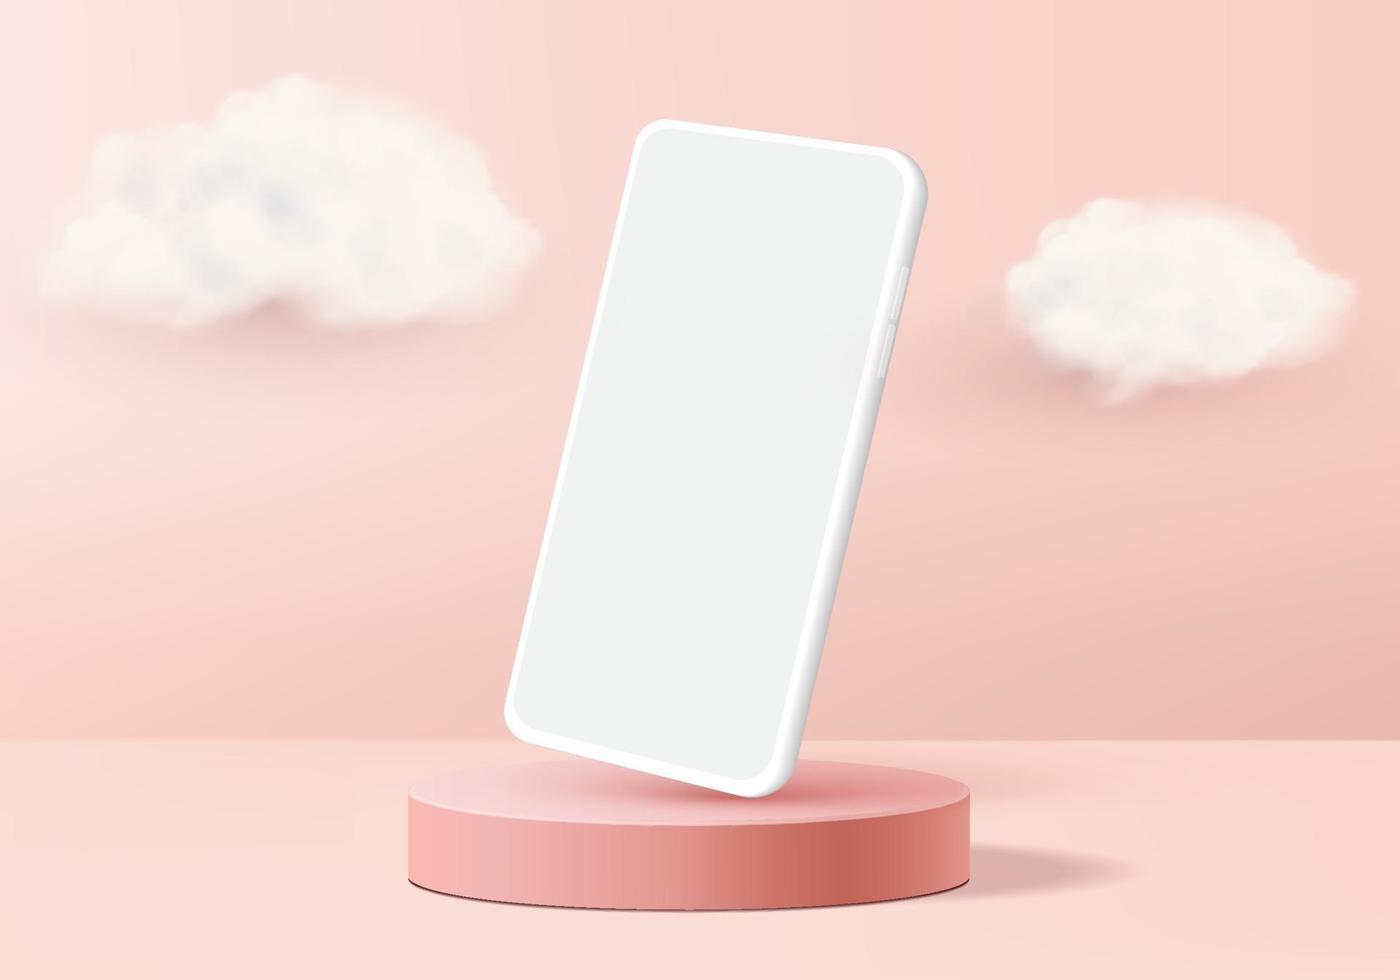 showcase minimale scène weergeven met geometrische smartphone. achtergrond vector 3D-rendering met podiumshowcase. staan om mockup voor mobiele apparaten te tonen. etappe showcase display op sokkel 3d studio roze